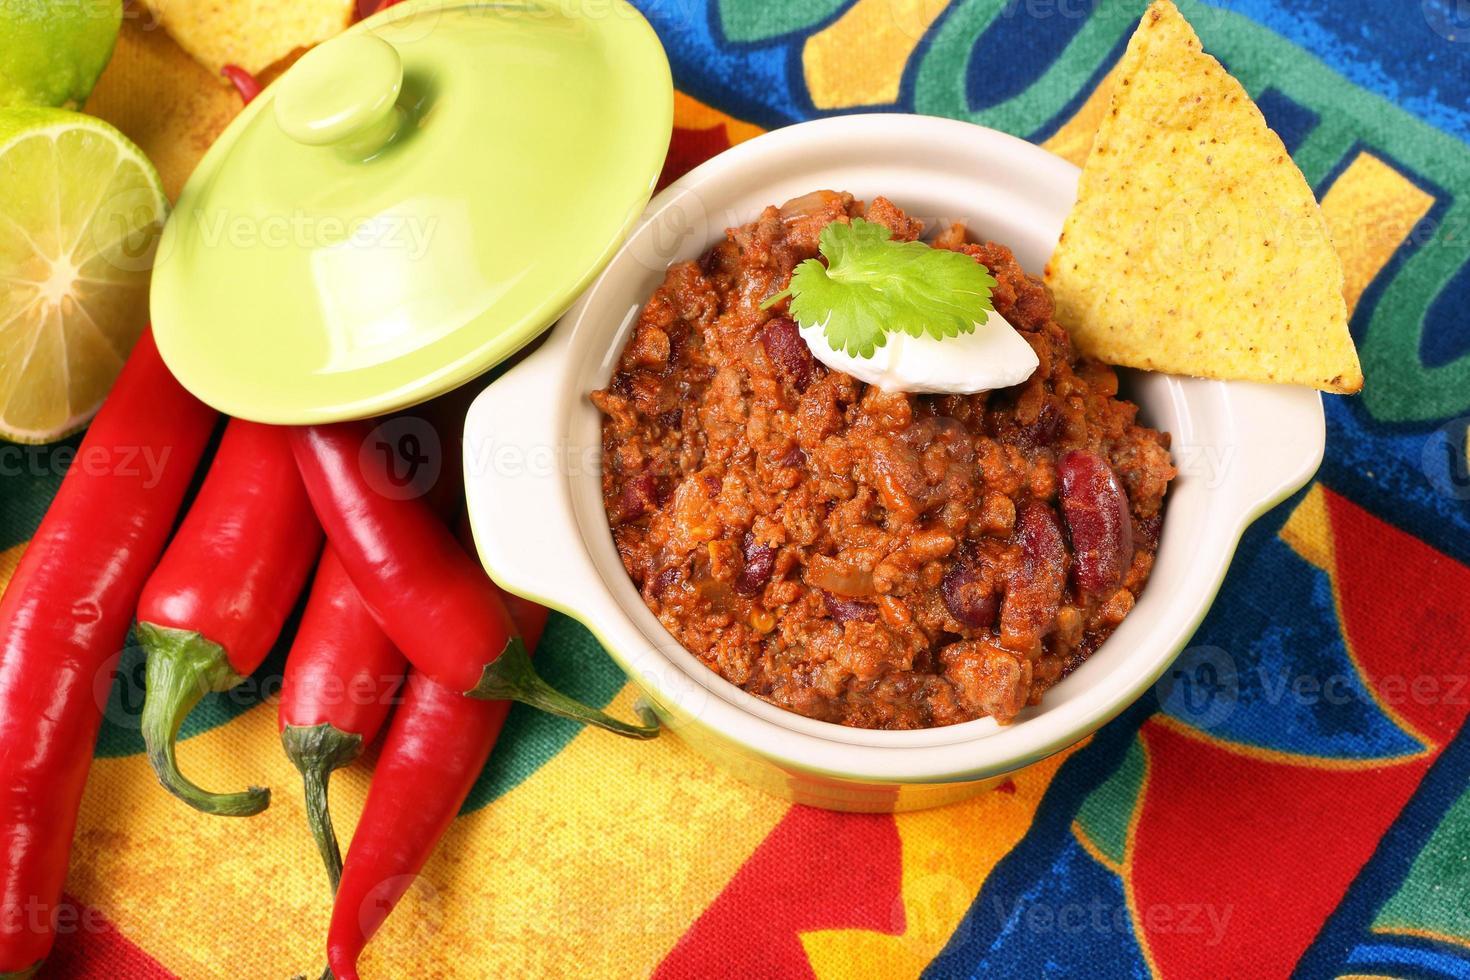 chili com carne e nachos foto